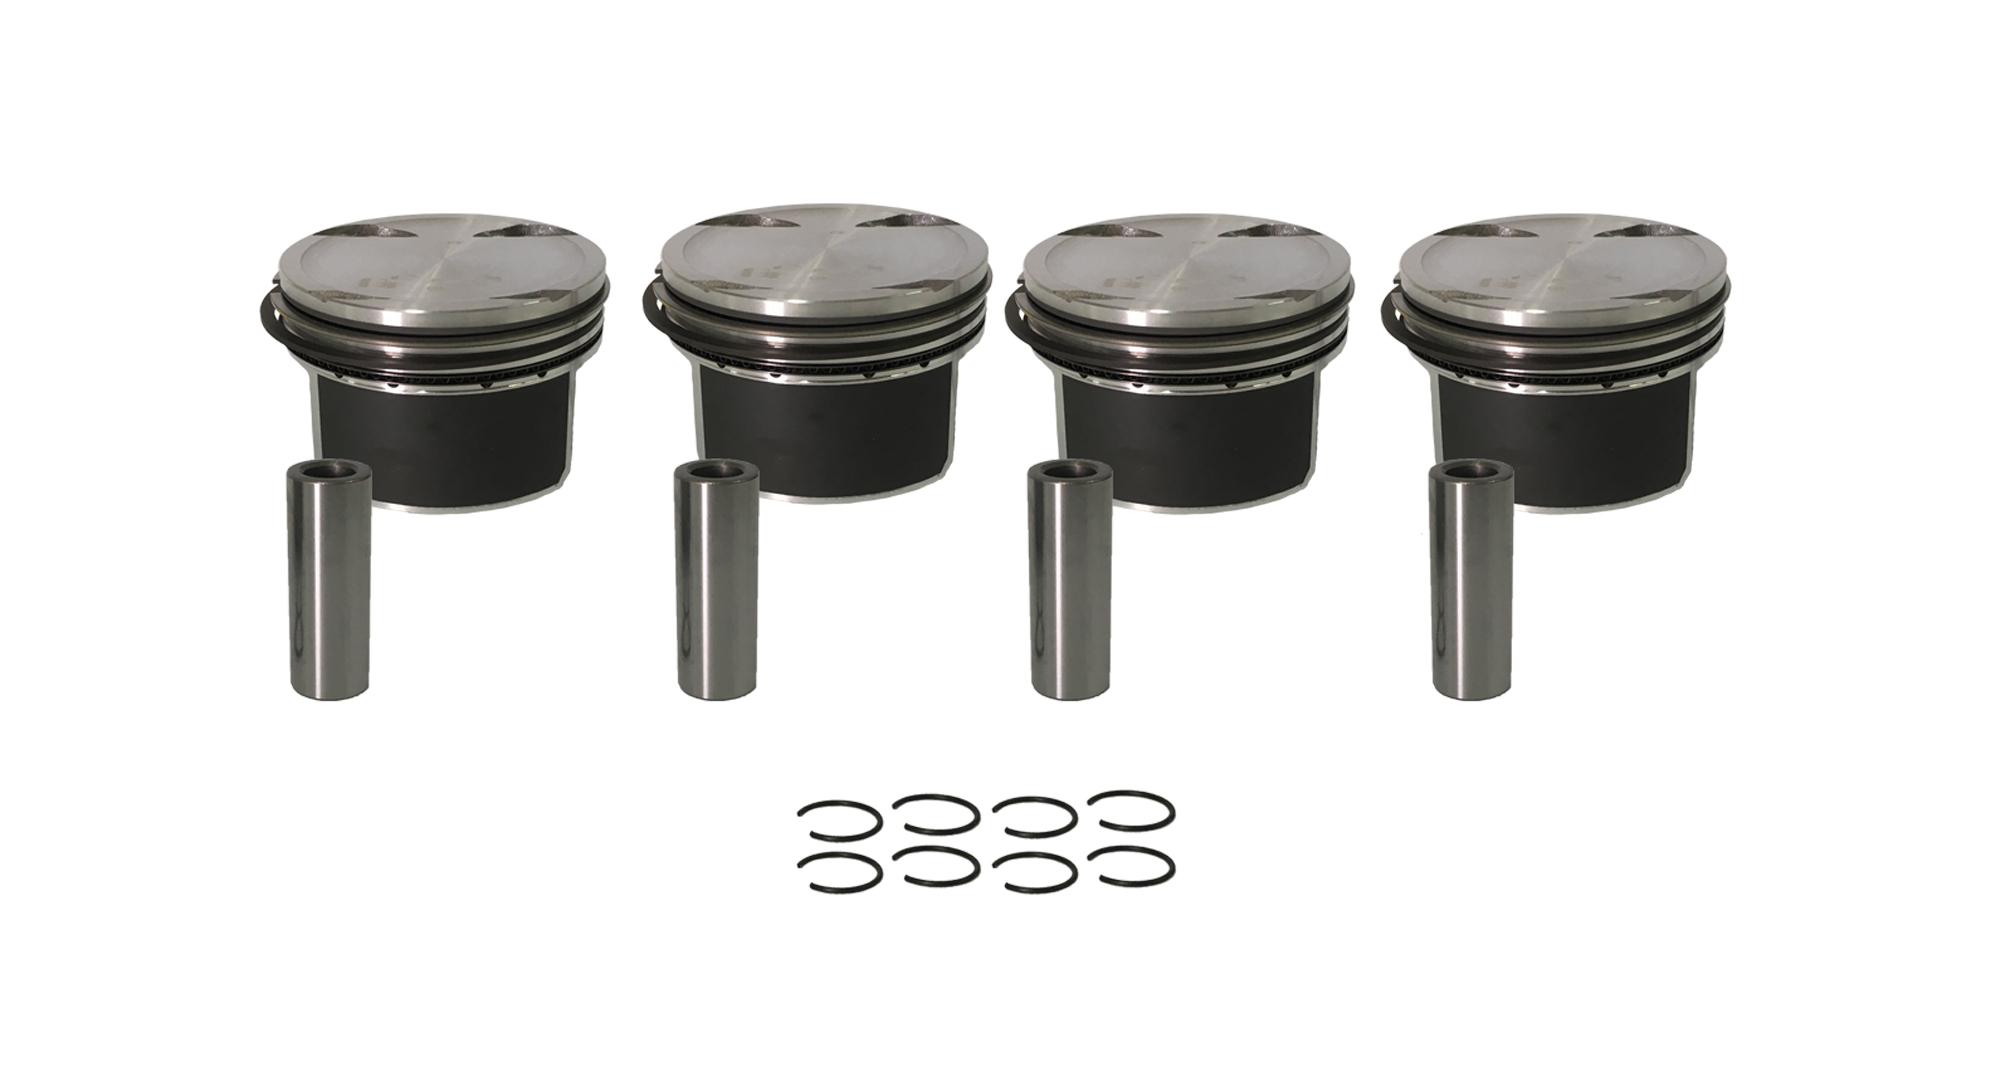 4x Kolbenring Mercedes-Benz C-Klasse W203 W204 C200 1,8 271.941 271.942 NEU